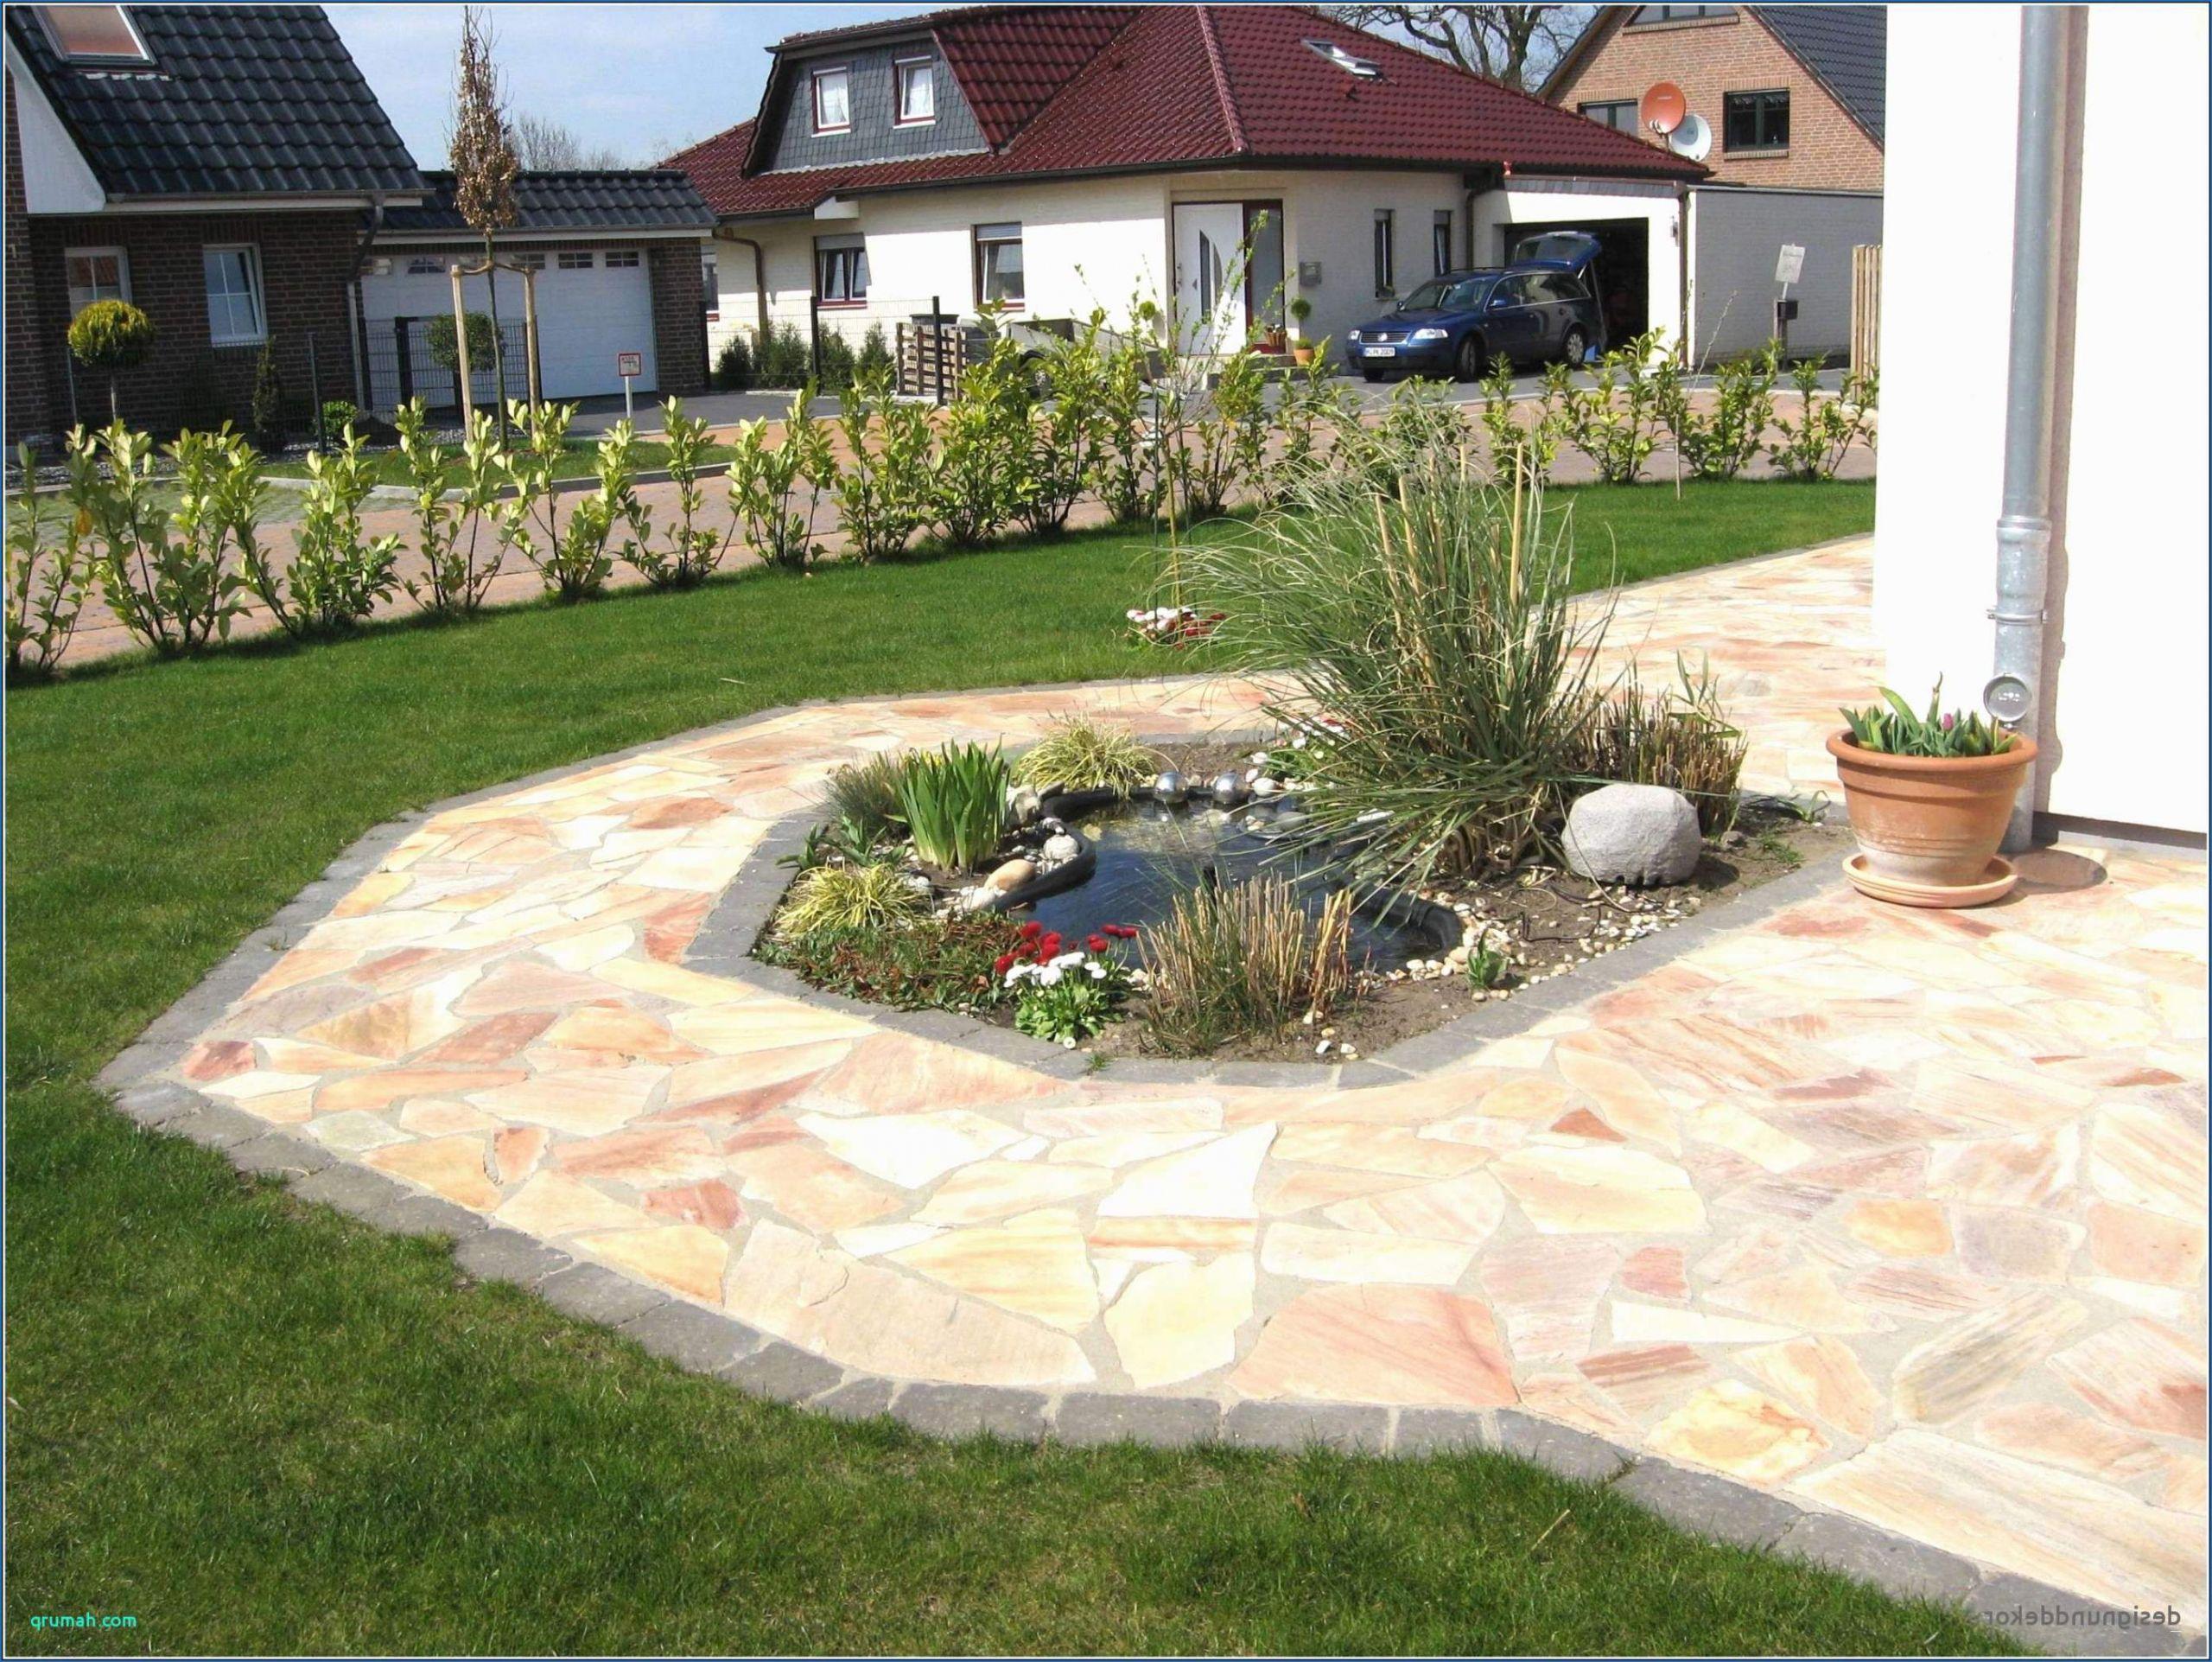 natur und garten frisch garten gestalten ideen temobardz home blog of natur und garten 1 scaled